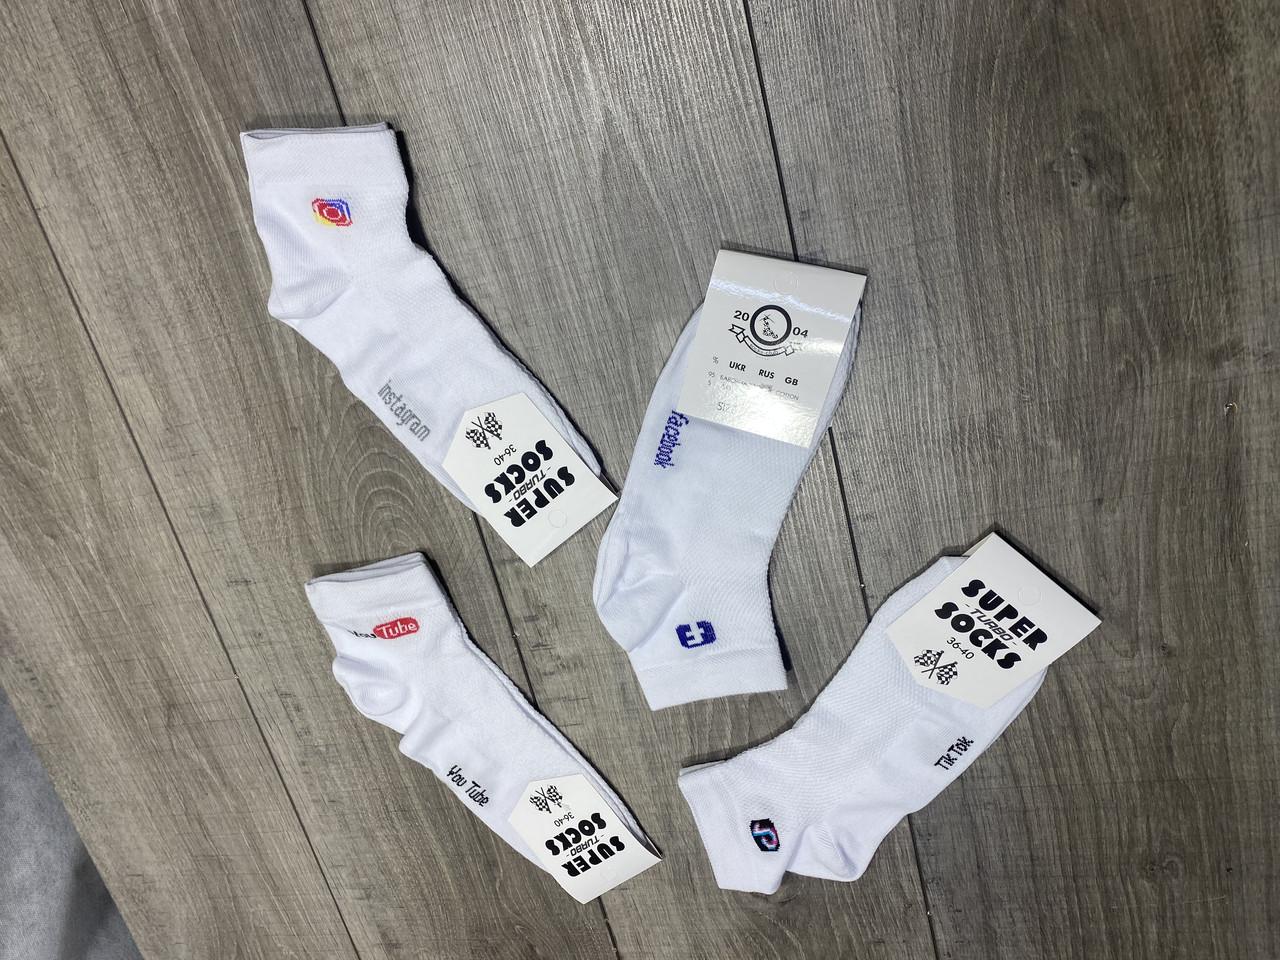 Женские носки стрейчевые Super Socks белые хлопок сетка короткие размер 36-40 12 шт в уп